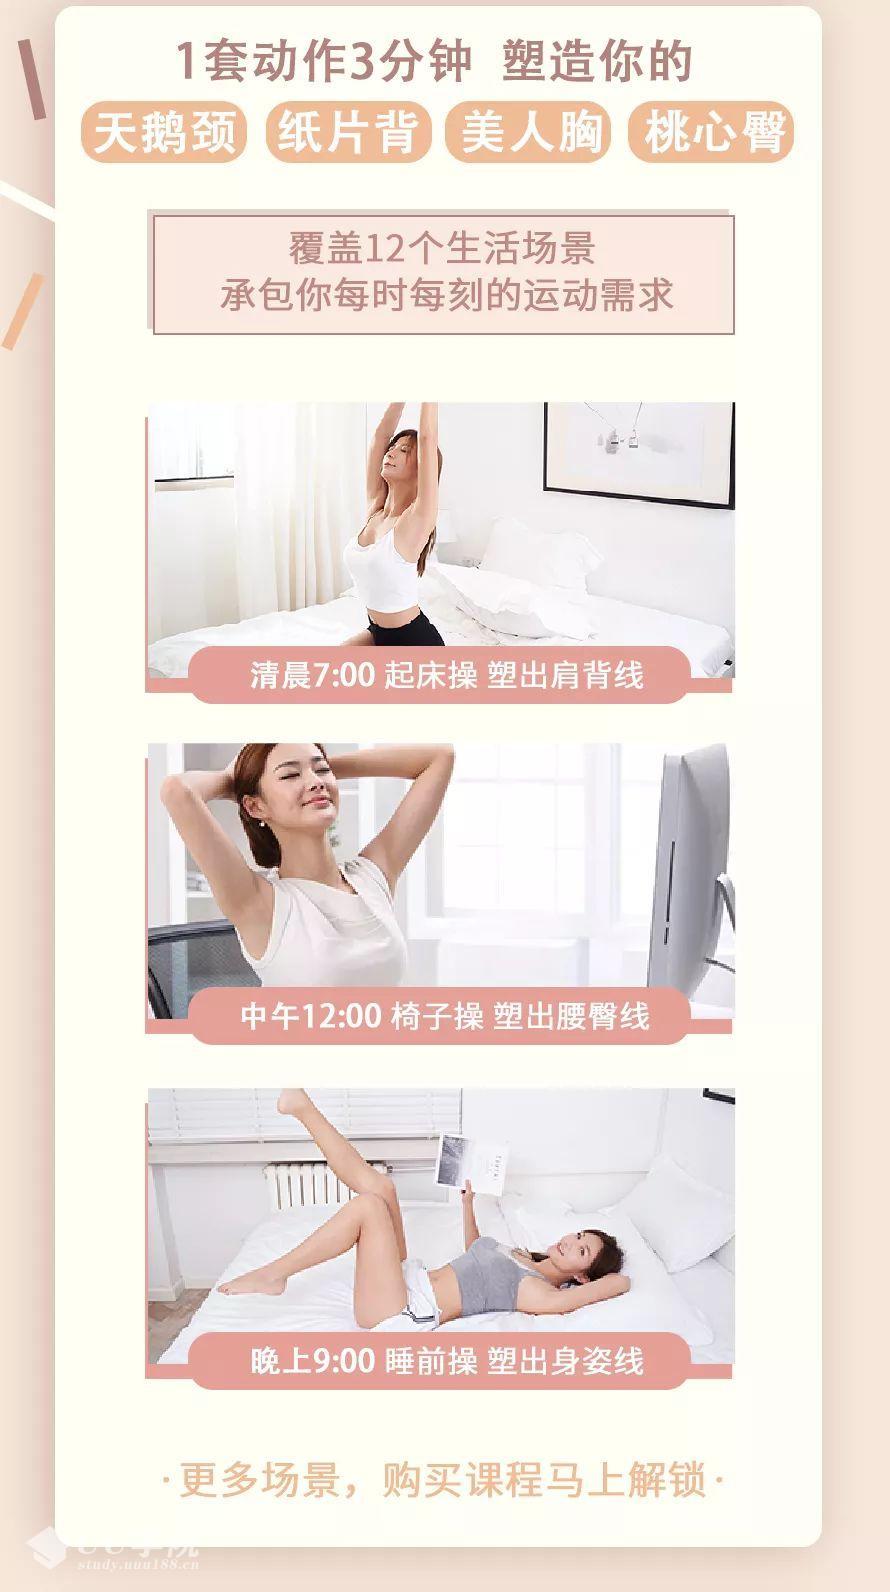 桑禹涵《打造你的S曲线 让你瘦的健康、瘦的有型、瘦的好看》